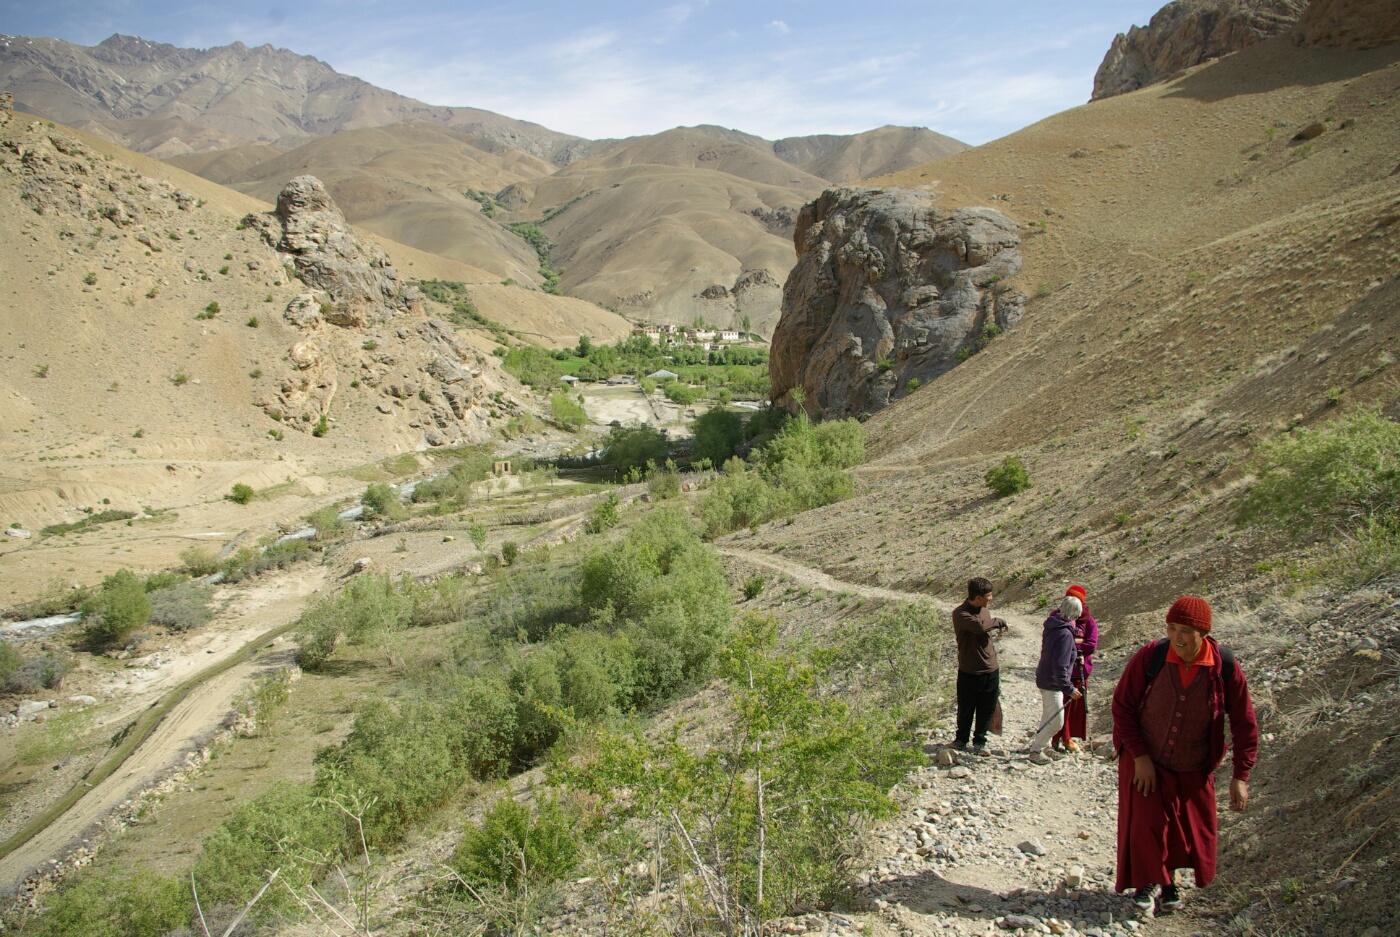 Phokar, Padmasambhava: Im Hintergrund der Ort Phokar.